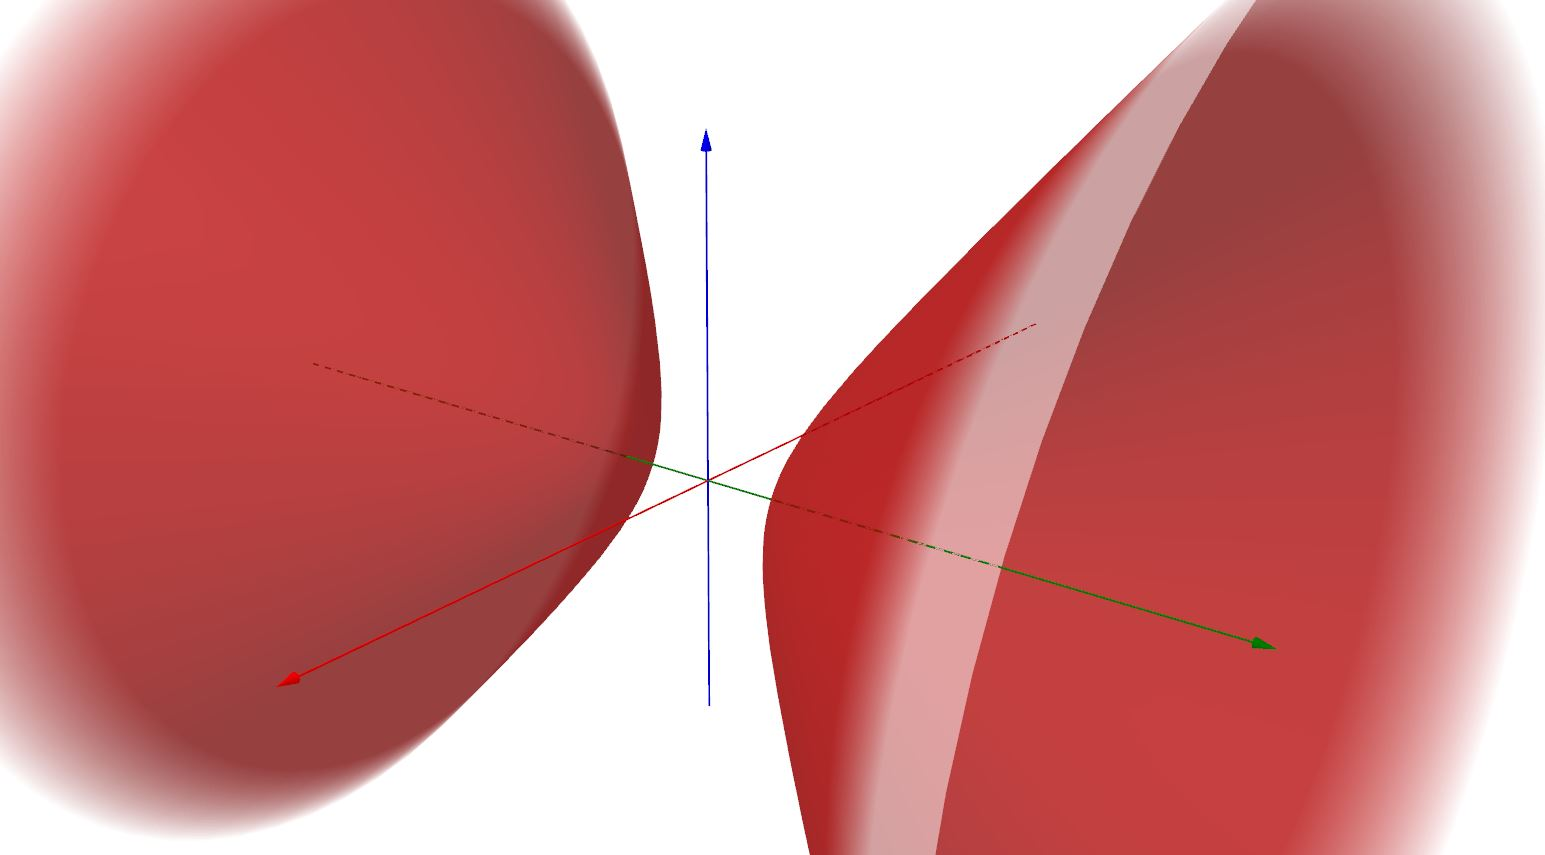 superfici di rotazione : perboloide a due falde